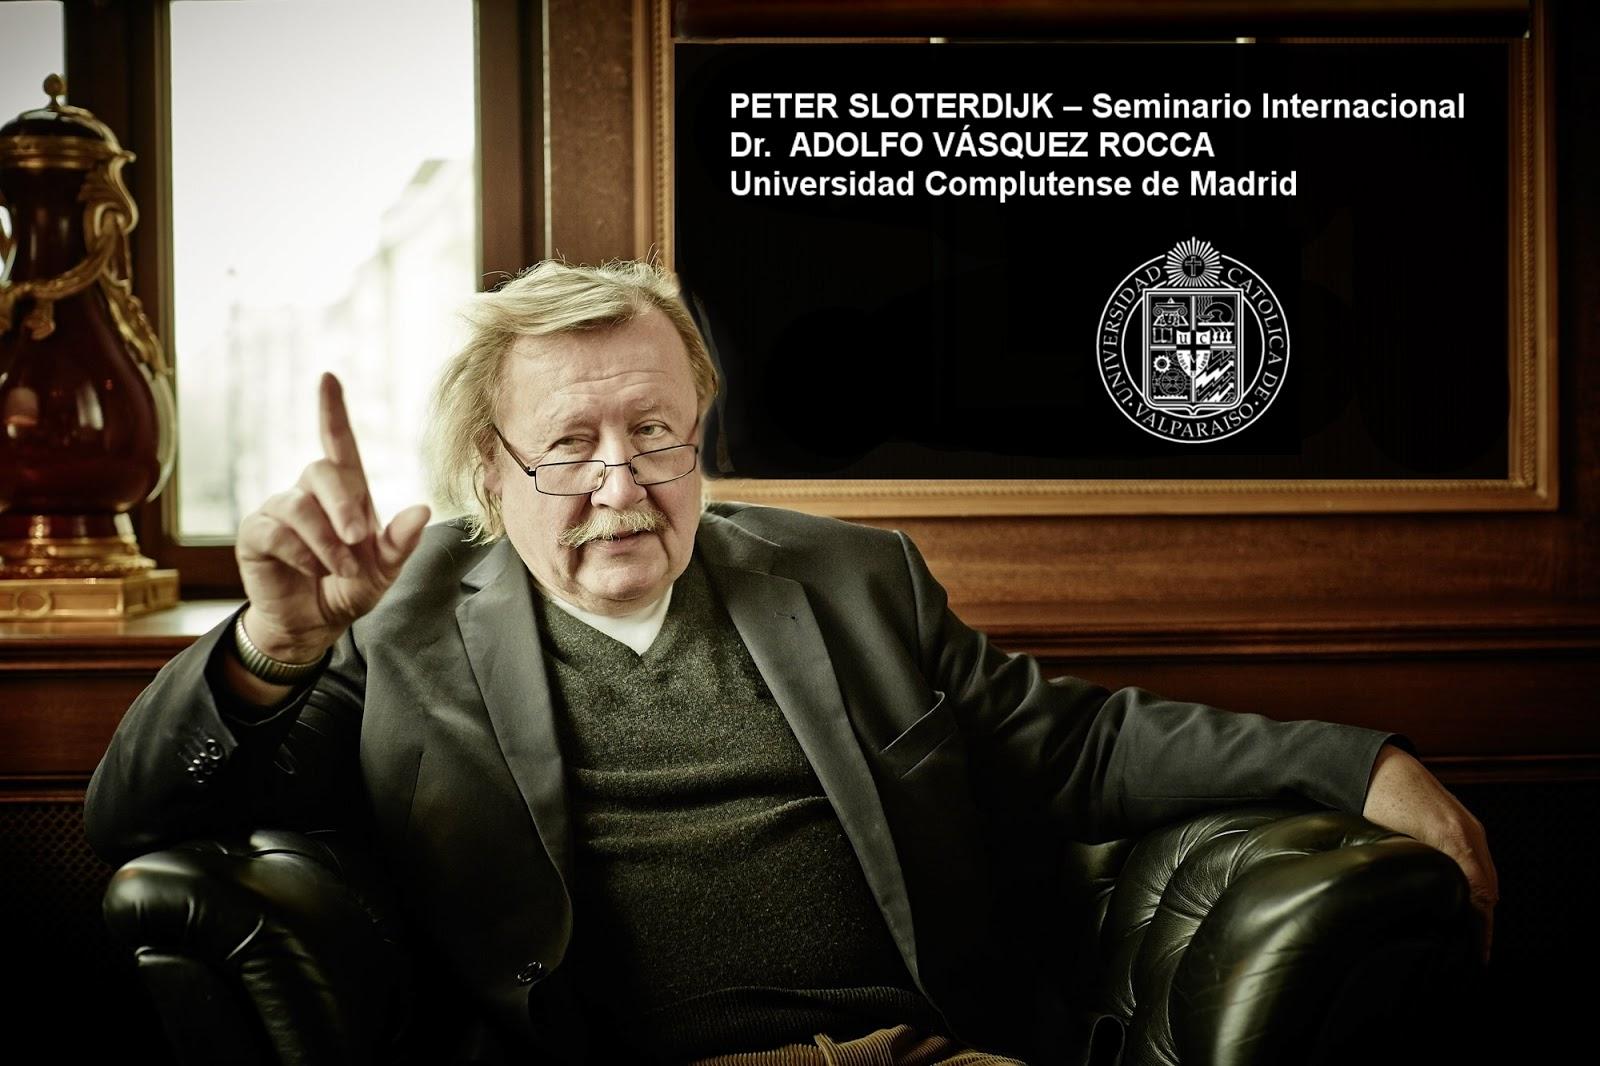 http://2.bp.blogspot.com/-ia8Q0caTS7Y/UXQxjs62DJI/AAAAAAAAHIw/aAPDvMiwHKU/s1600/SLOTERDIJK+_+Peter+_+Por+_+Adolfo+Vasquez+Rocca+_+Esferas+_+Seminario+Afiche+_+7000++.jpg